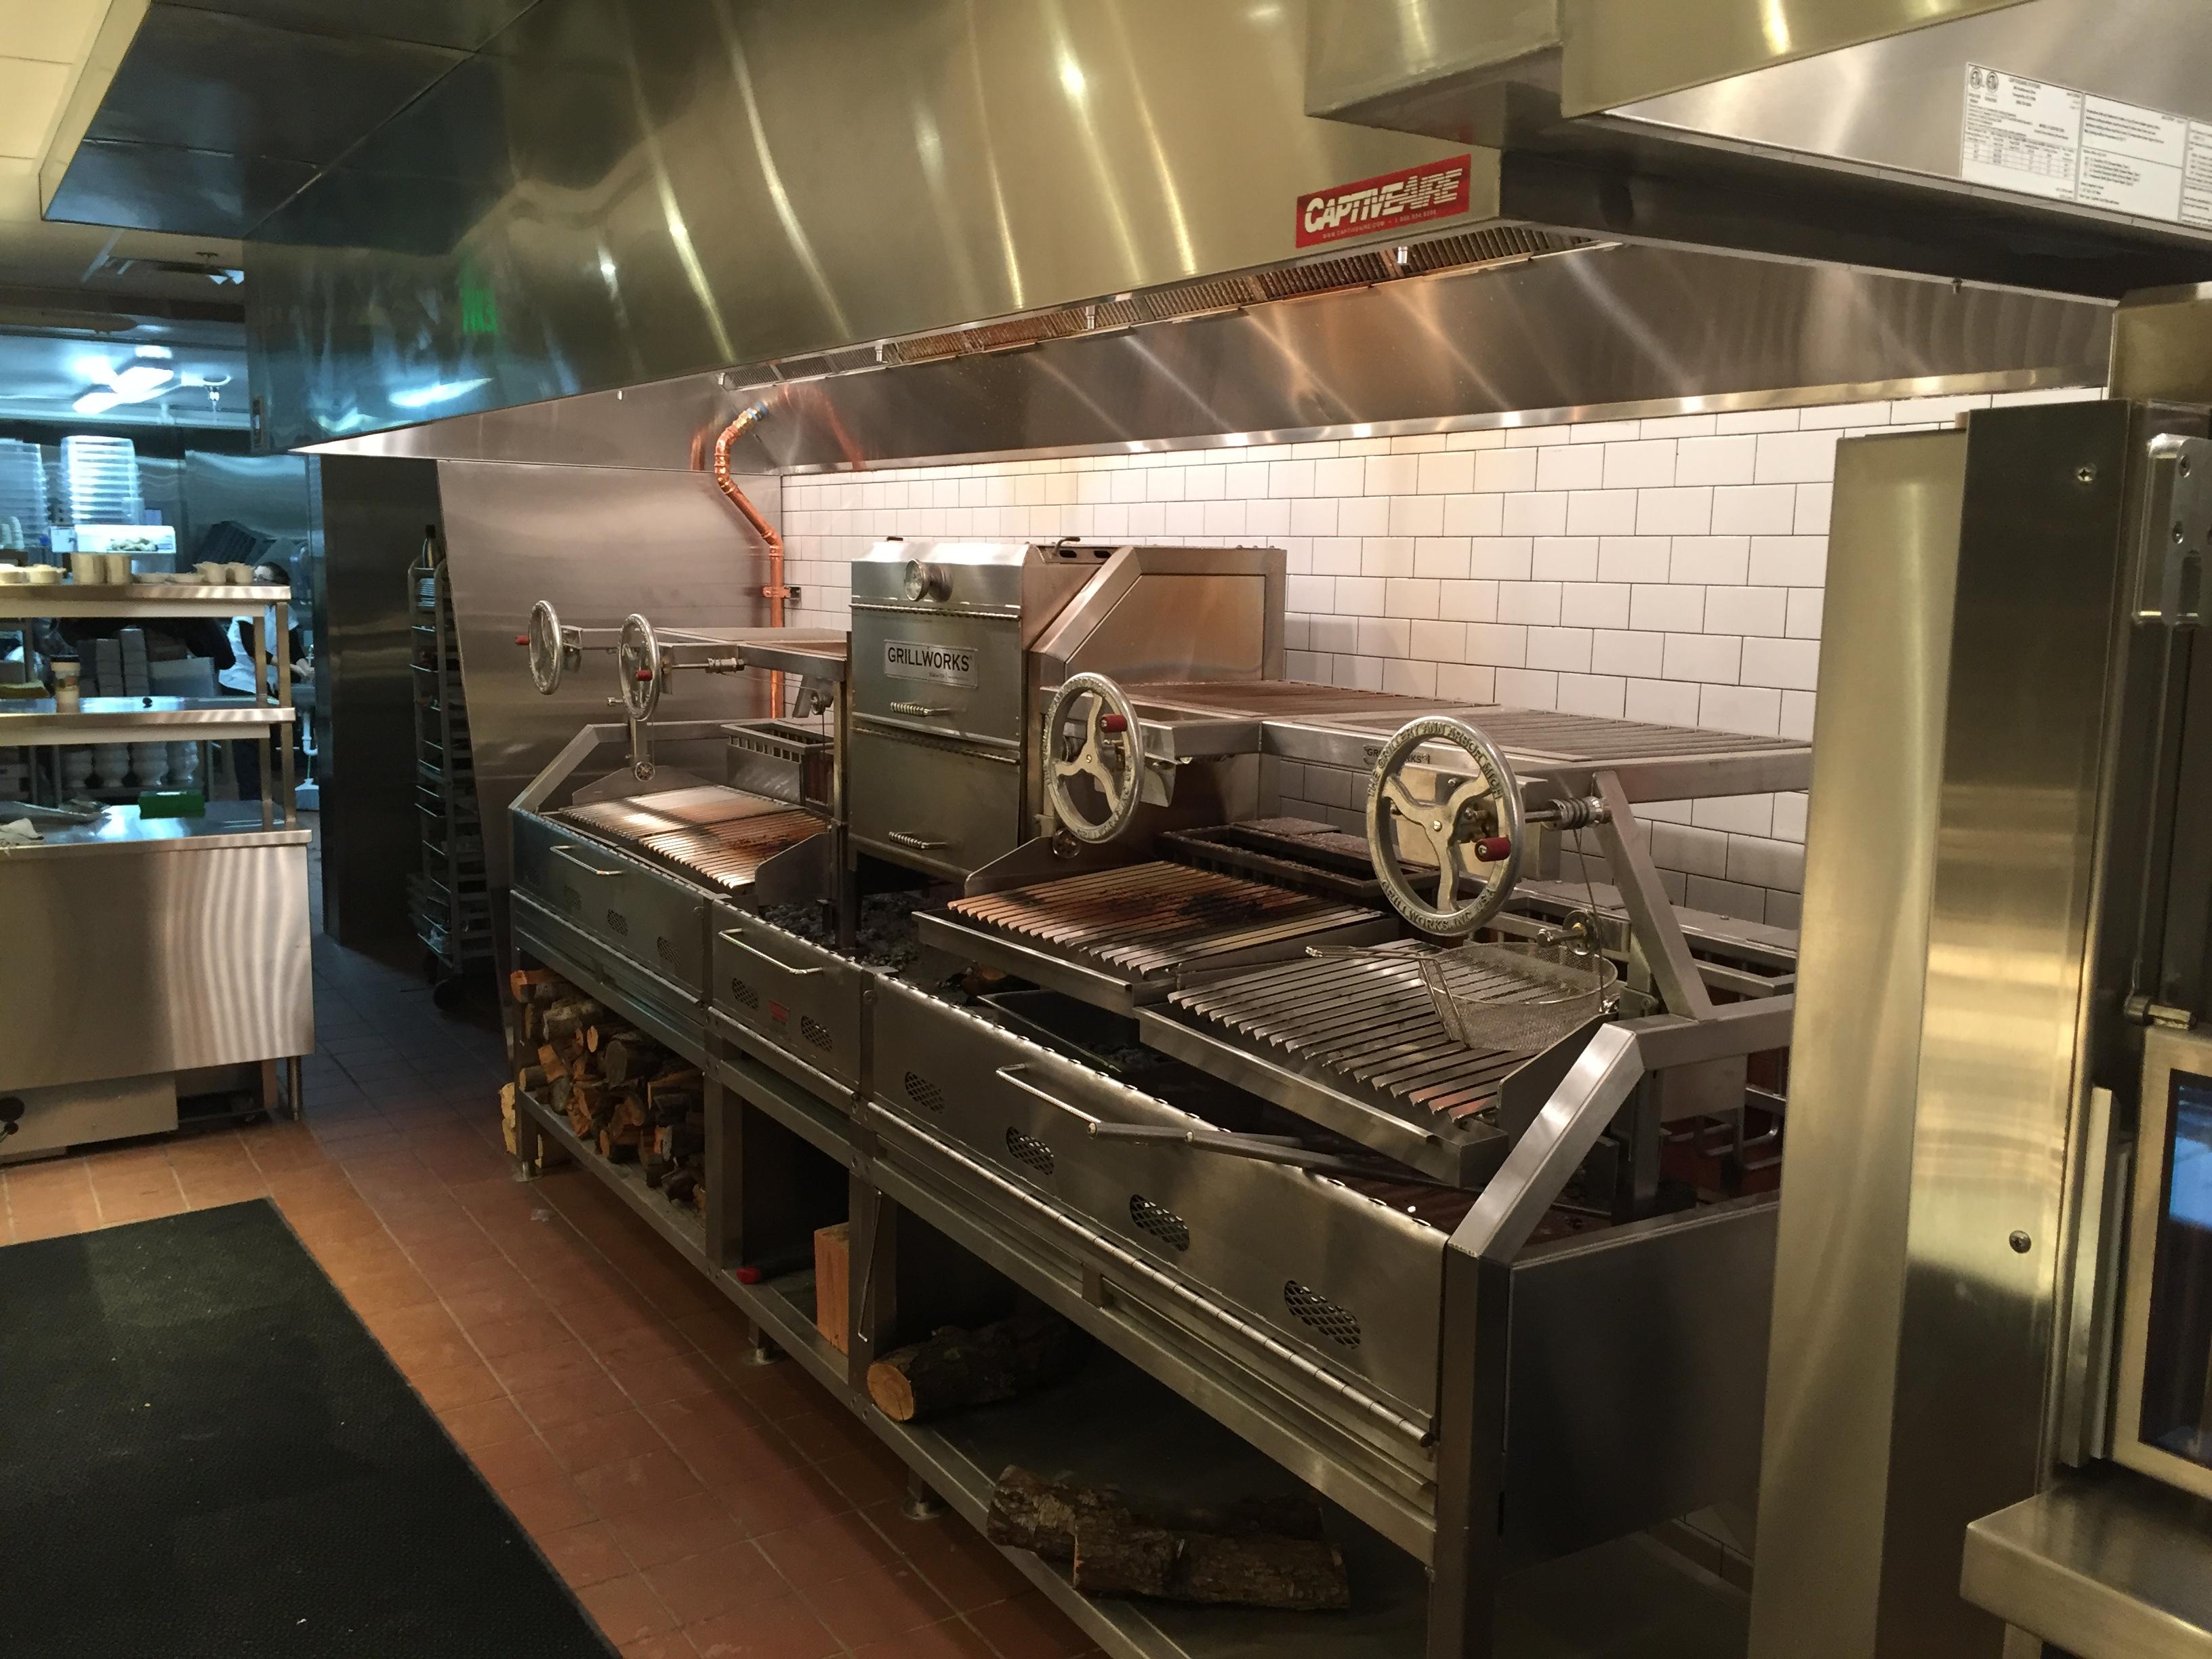 Resco Restaurant Store Equipment Salt Lake City Ut